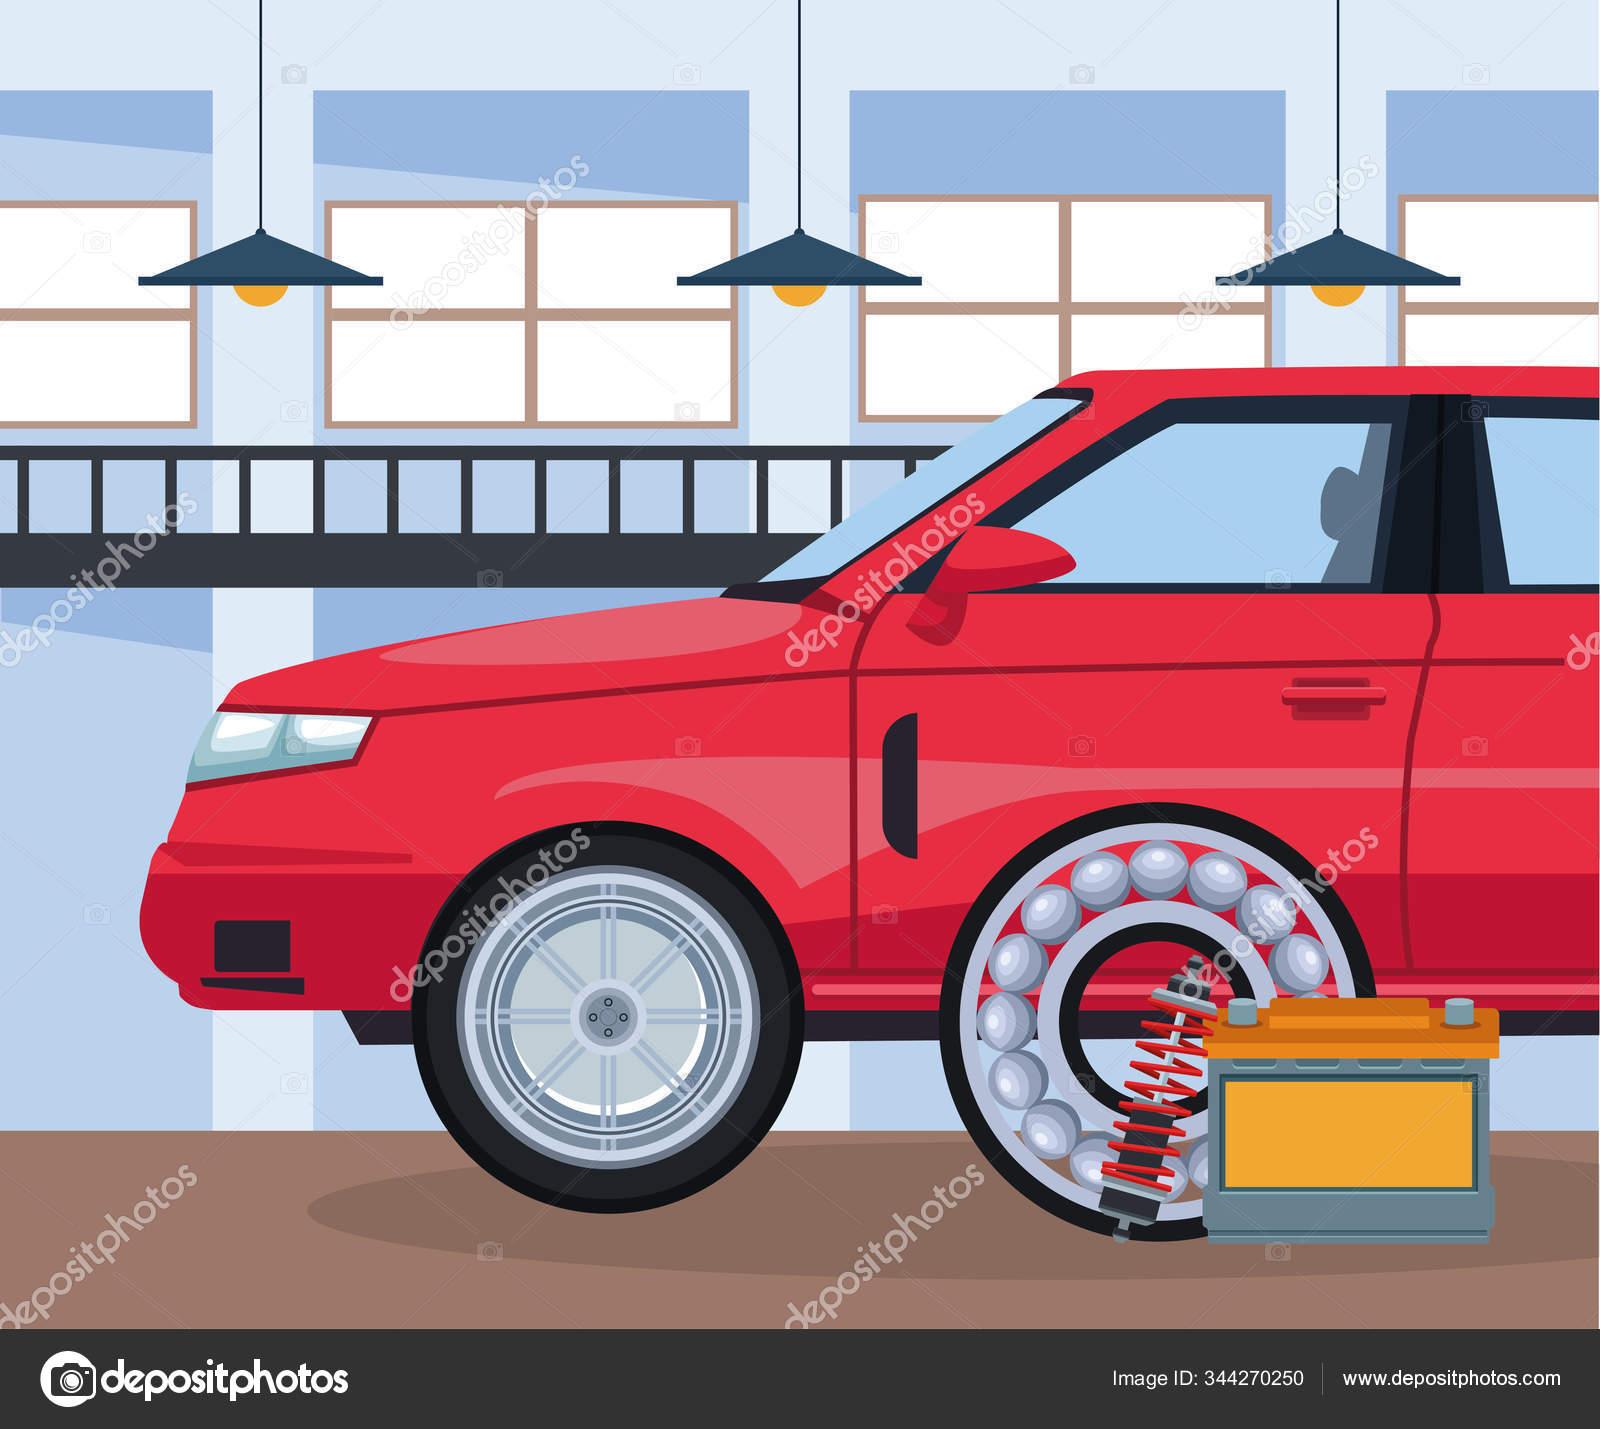 Oficina De Reparacao Automovel Com Carro Vermelho E Bateria E Disco De Freio Vetores De Stock C Jemastock 344270250